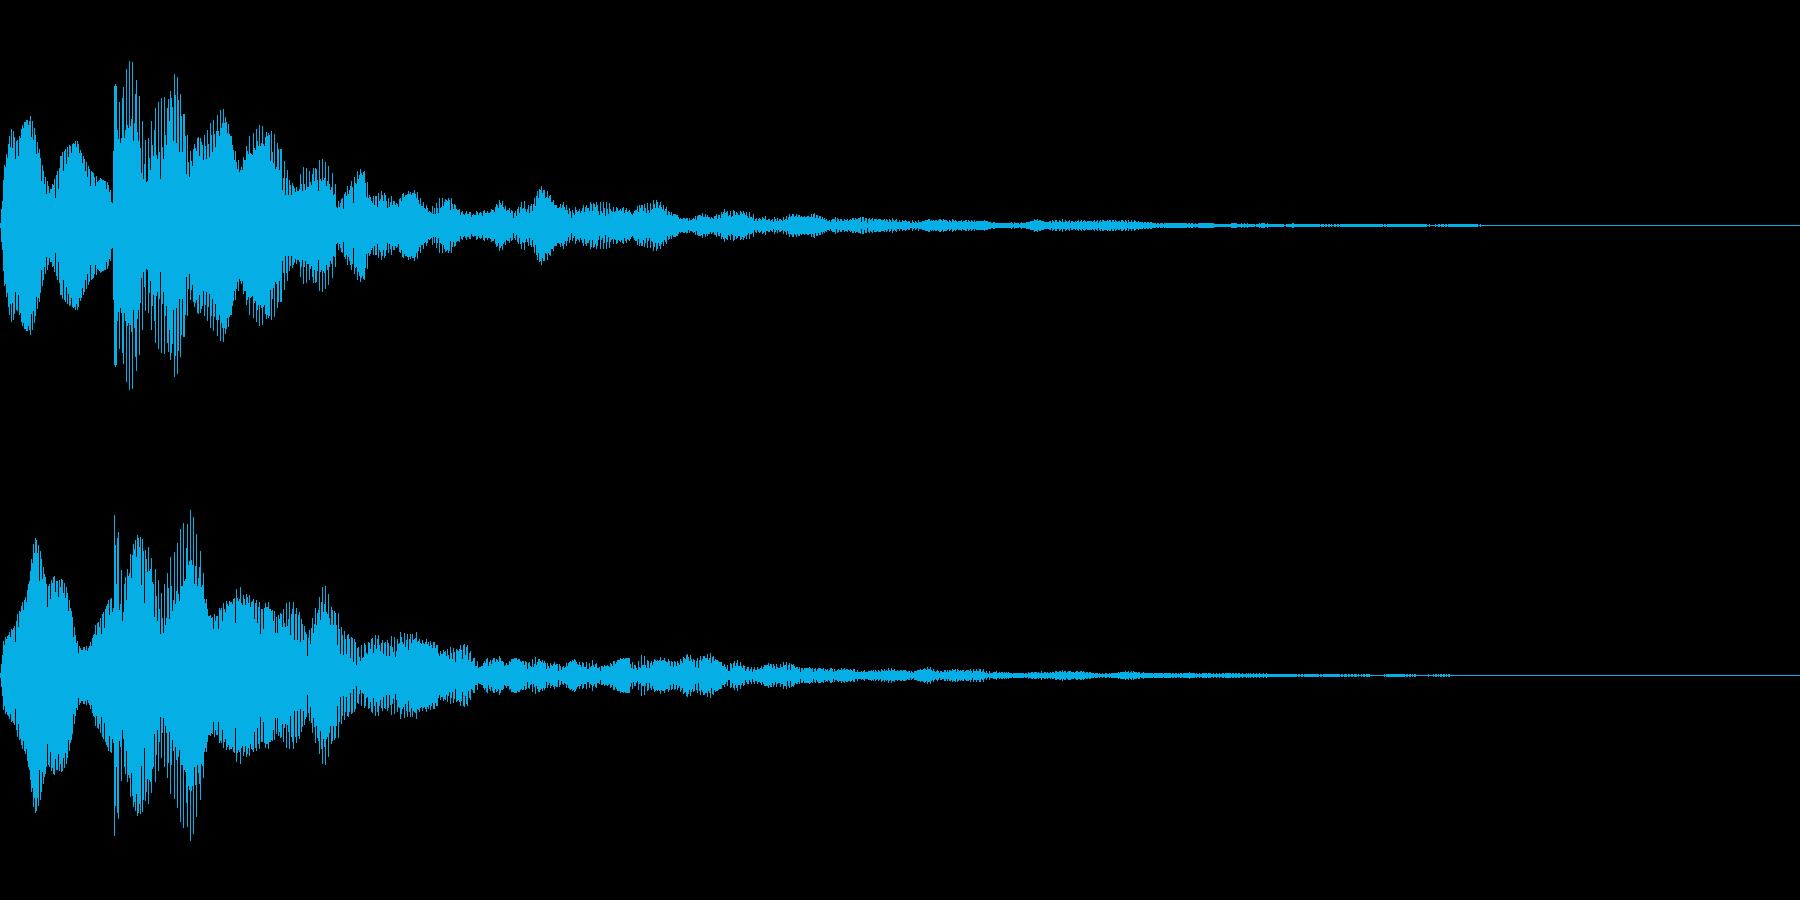 テロップ音~暗めの分散2音~の再生済みの波形